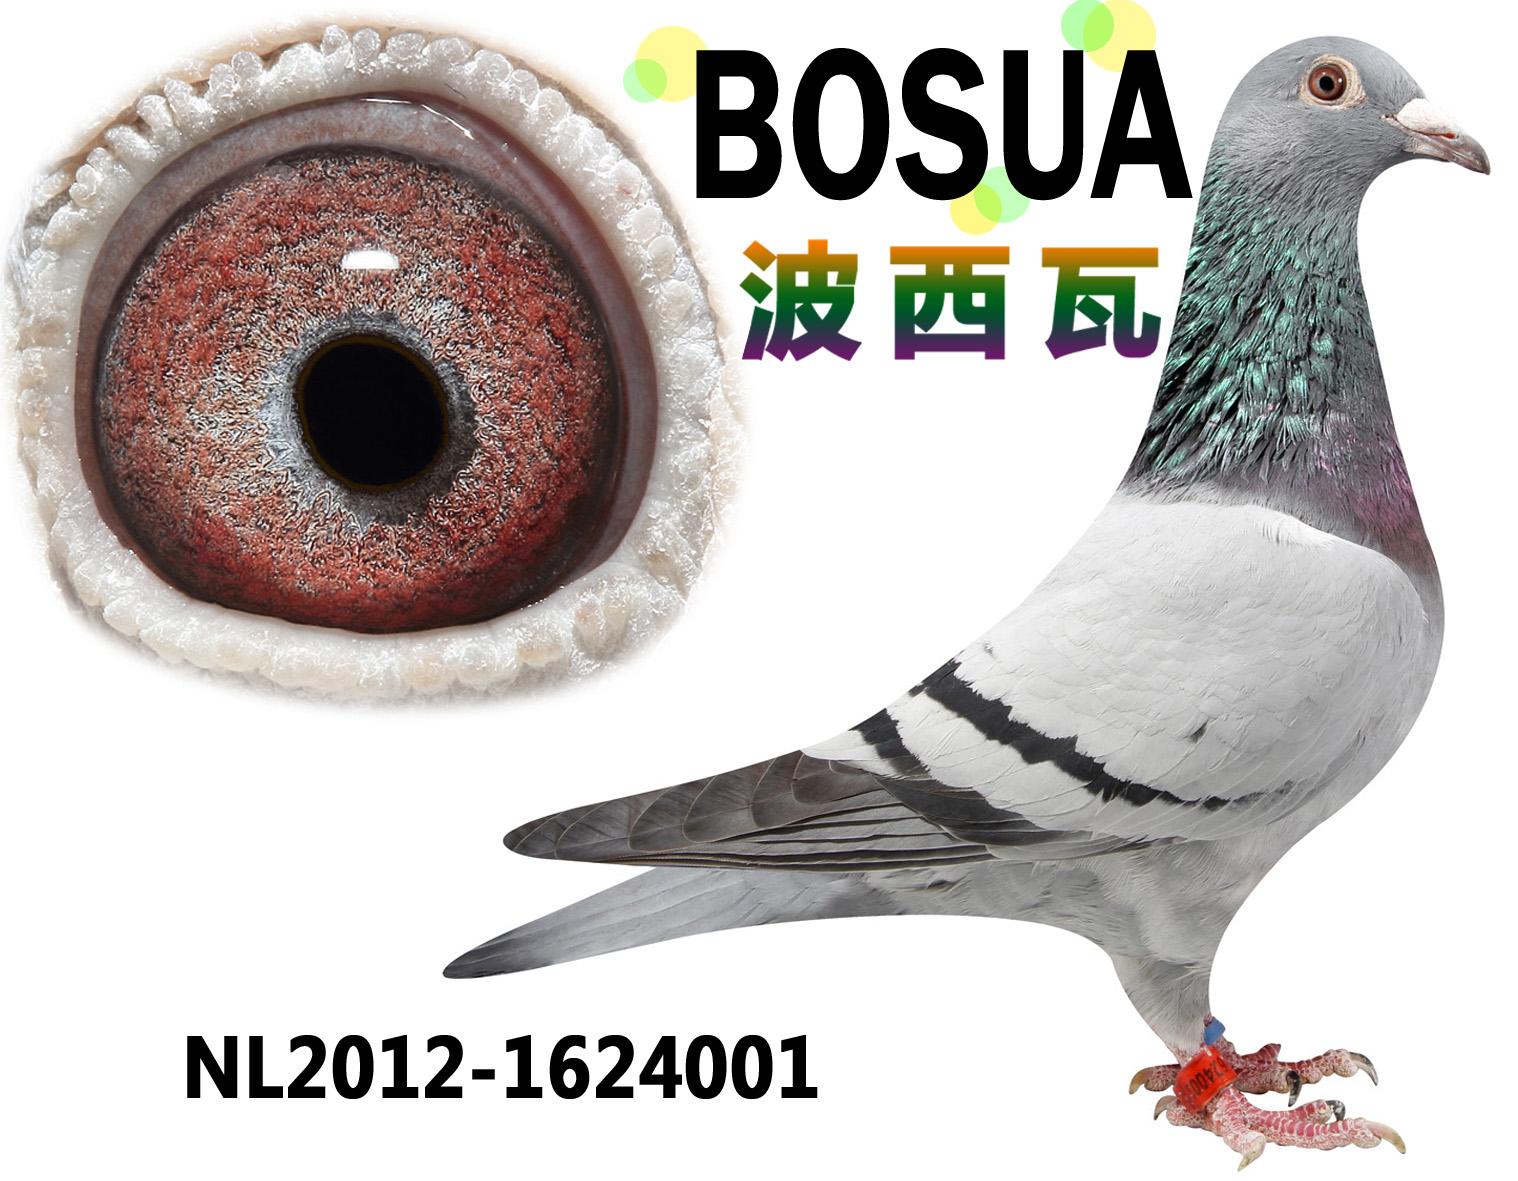 比利时信鸽拍卖网